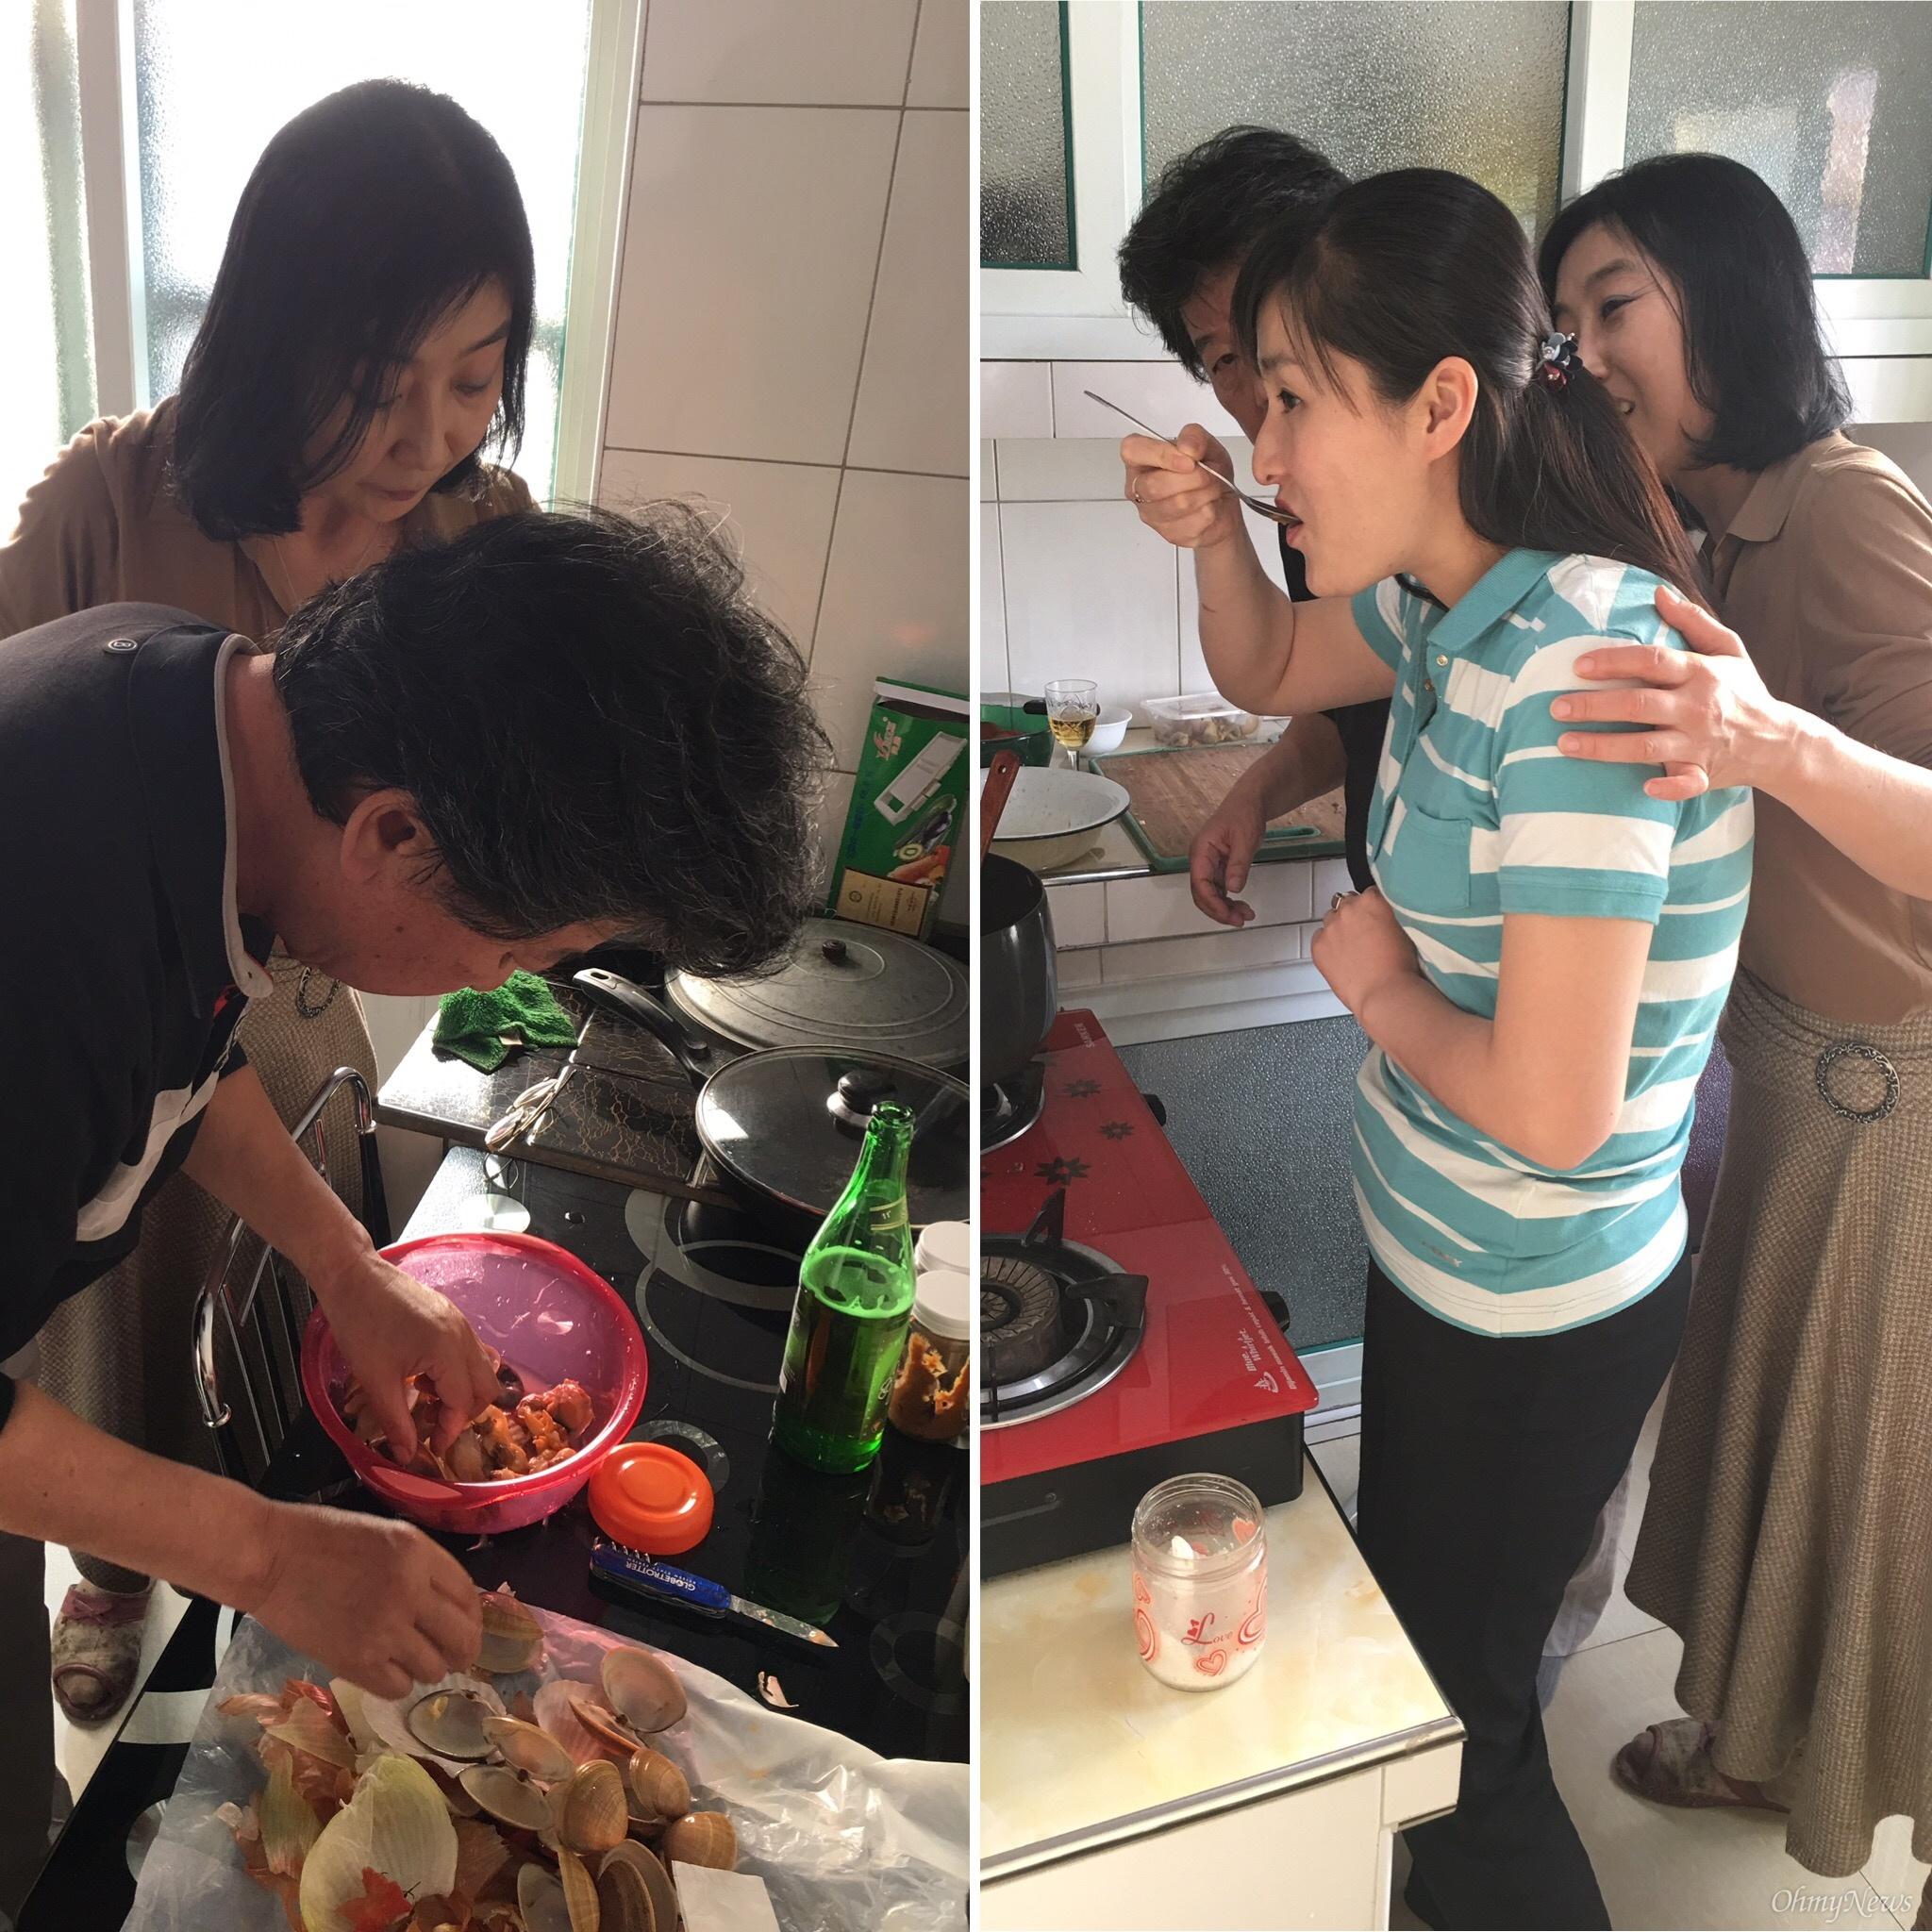 설경이네 아파트 부엌에서 요리를 하는 모습.